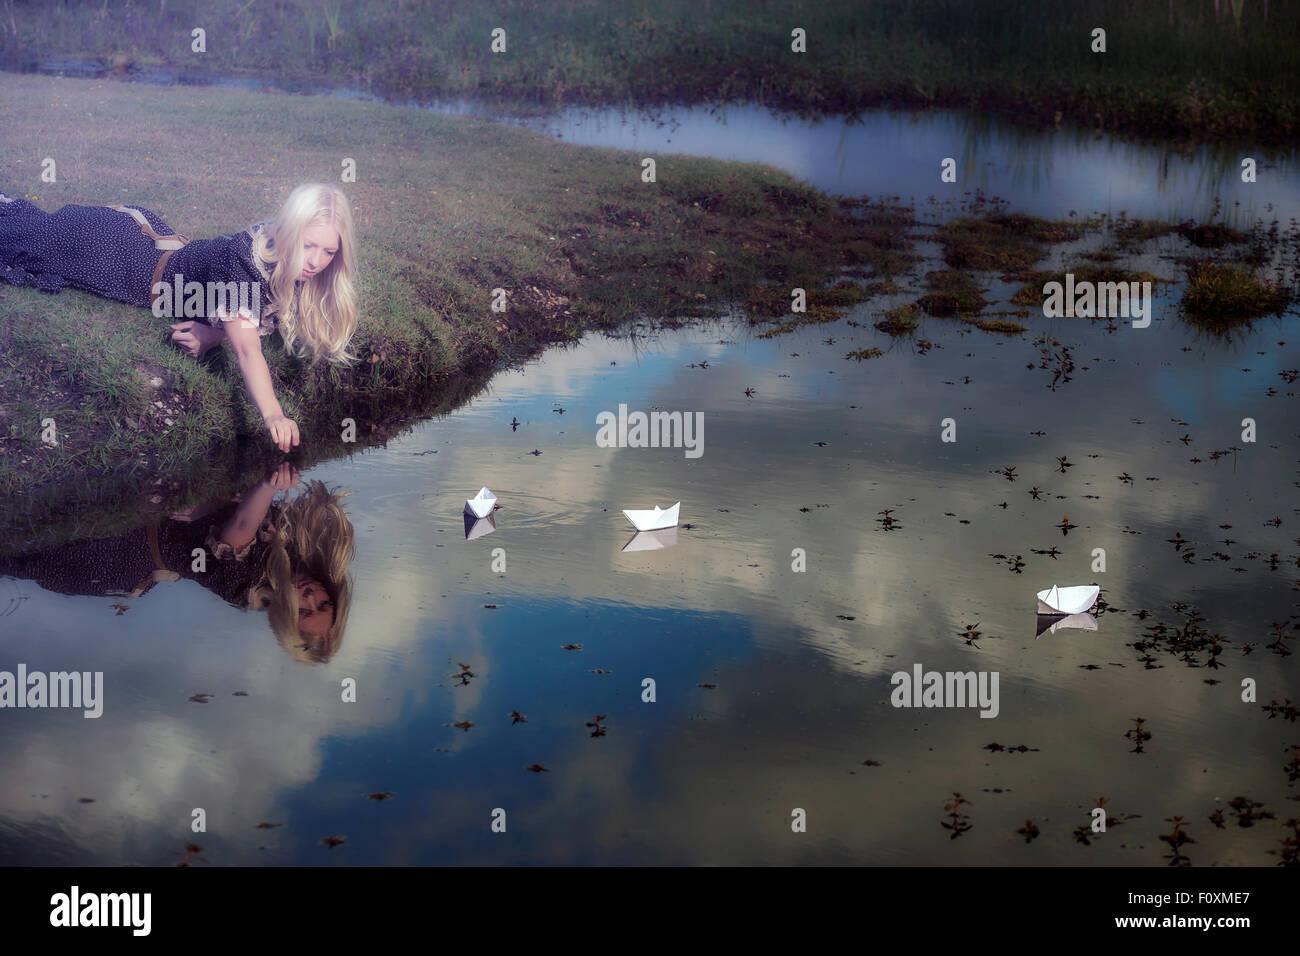 Une fille avec trois bateaux en papier sur un étang Photo Stock